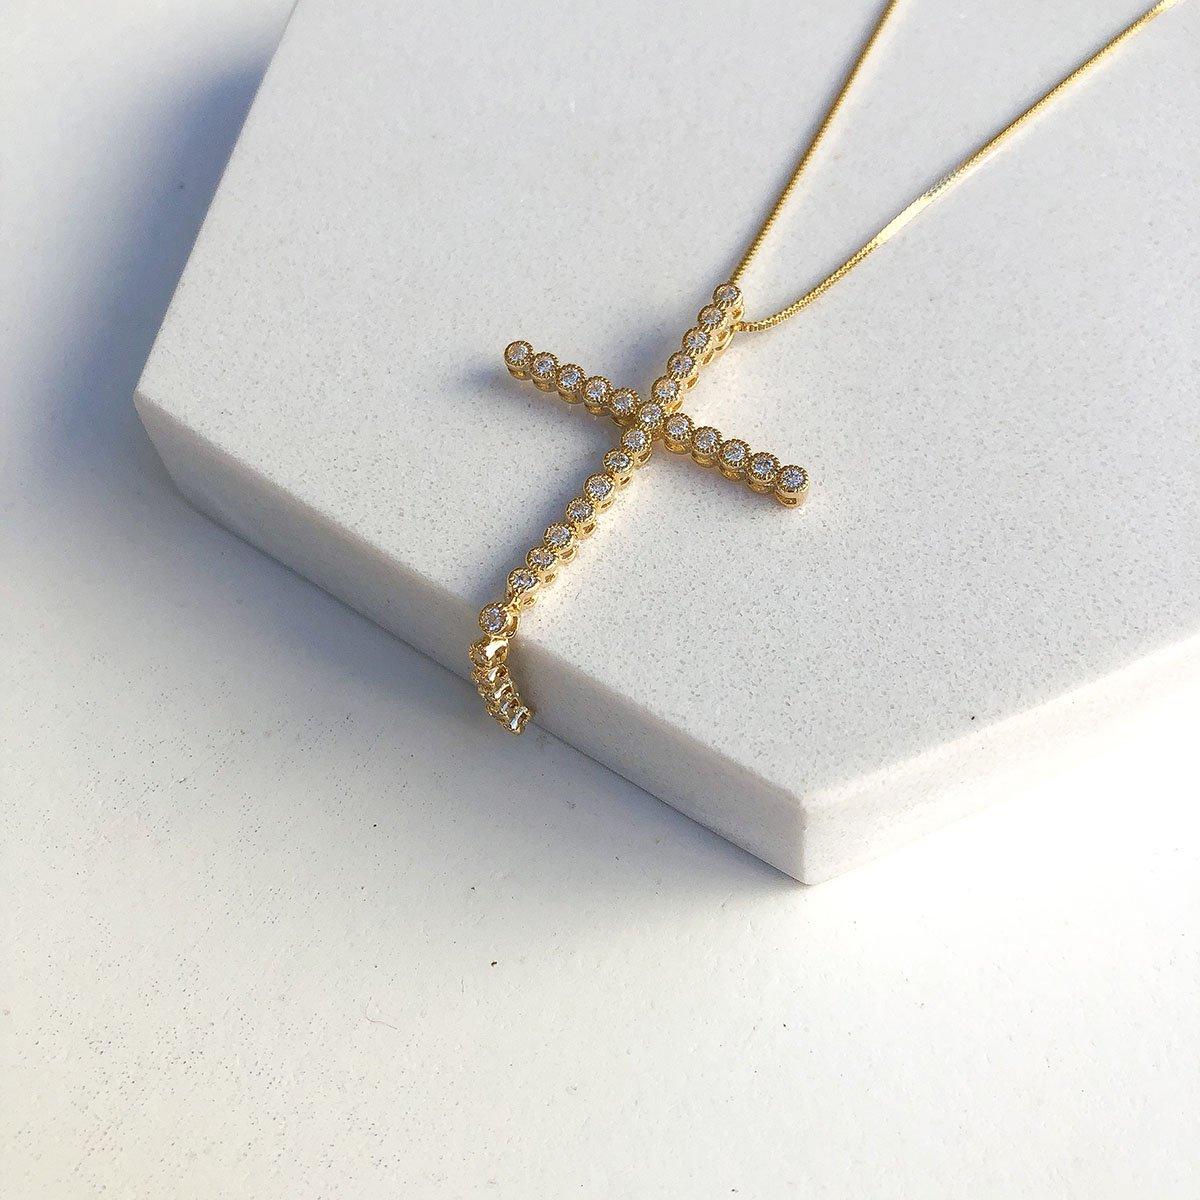 Colar Banhado a Ouro 18k Cruz Maleável Zircônias